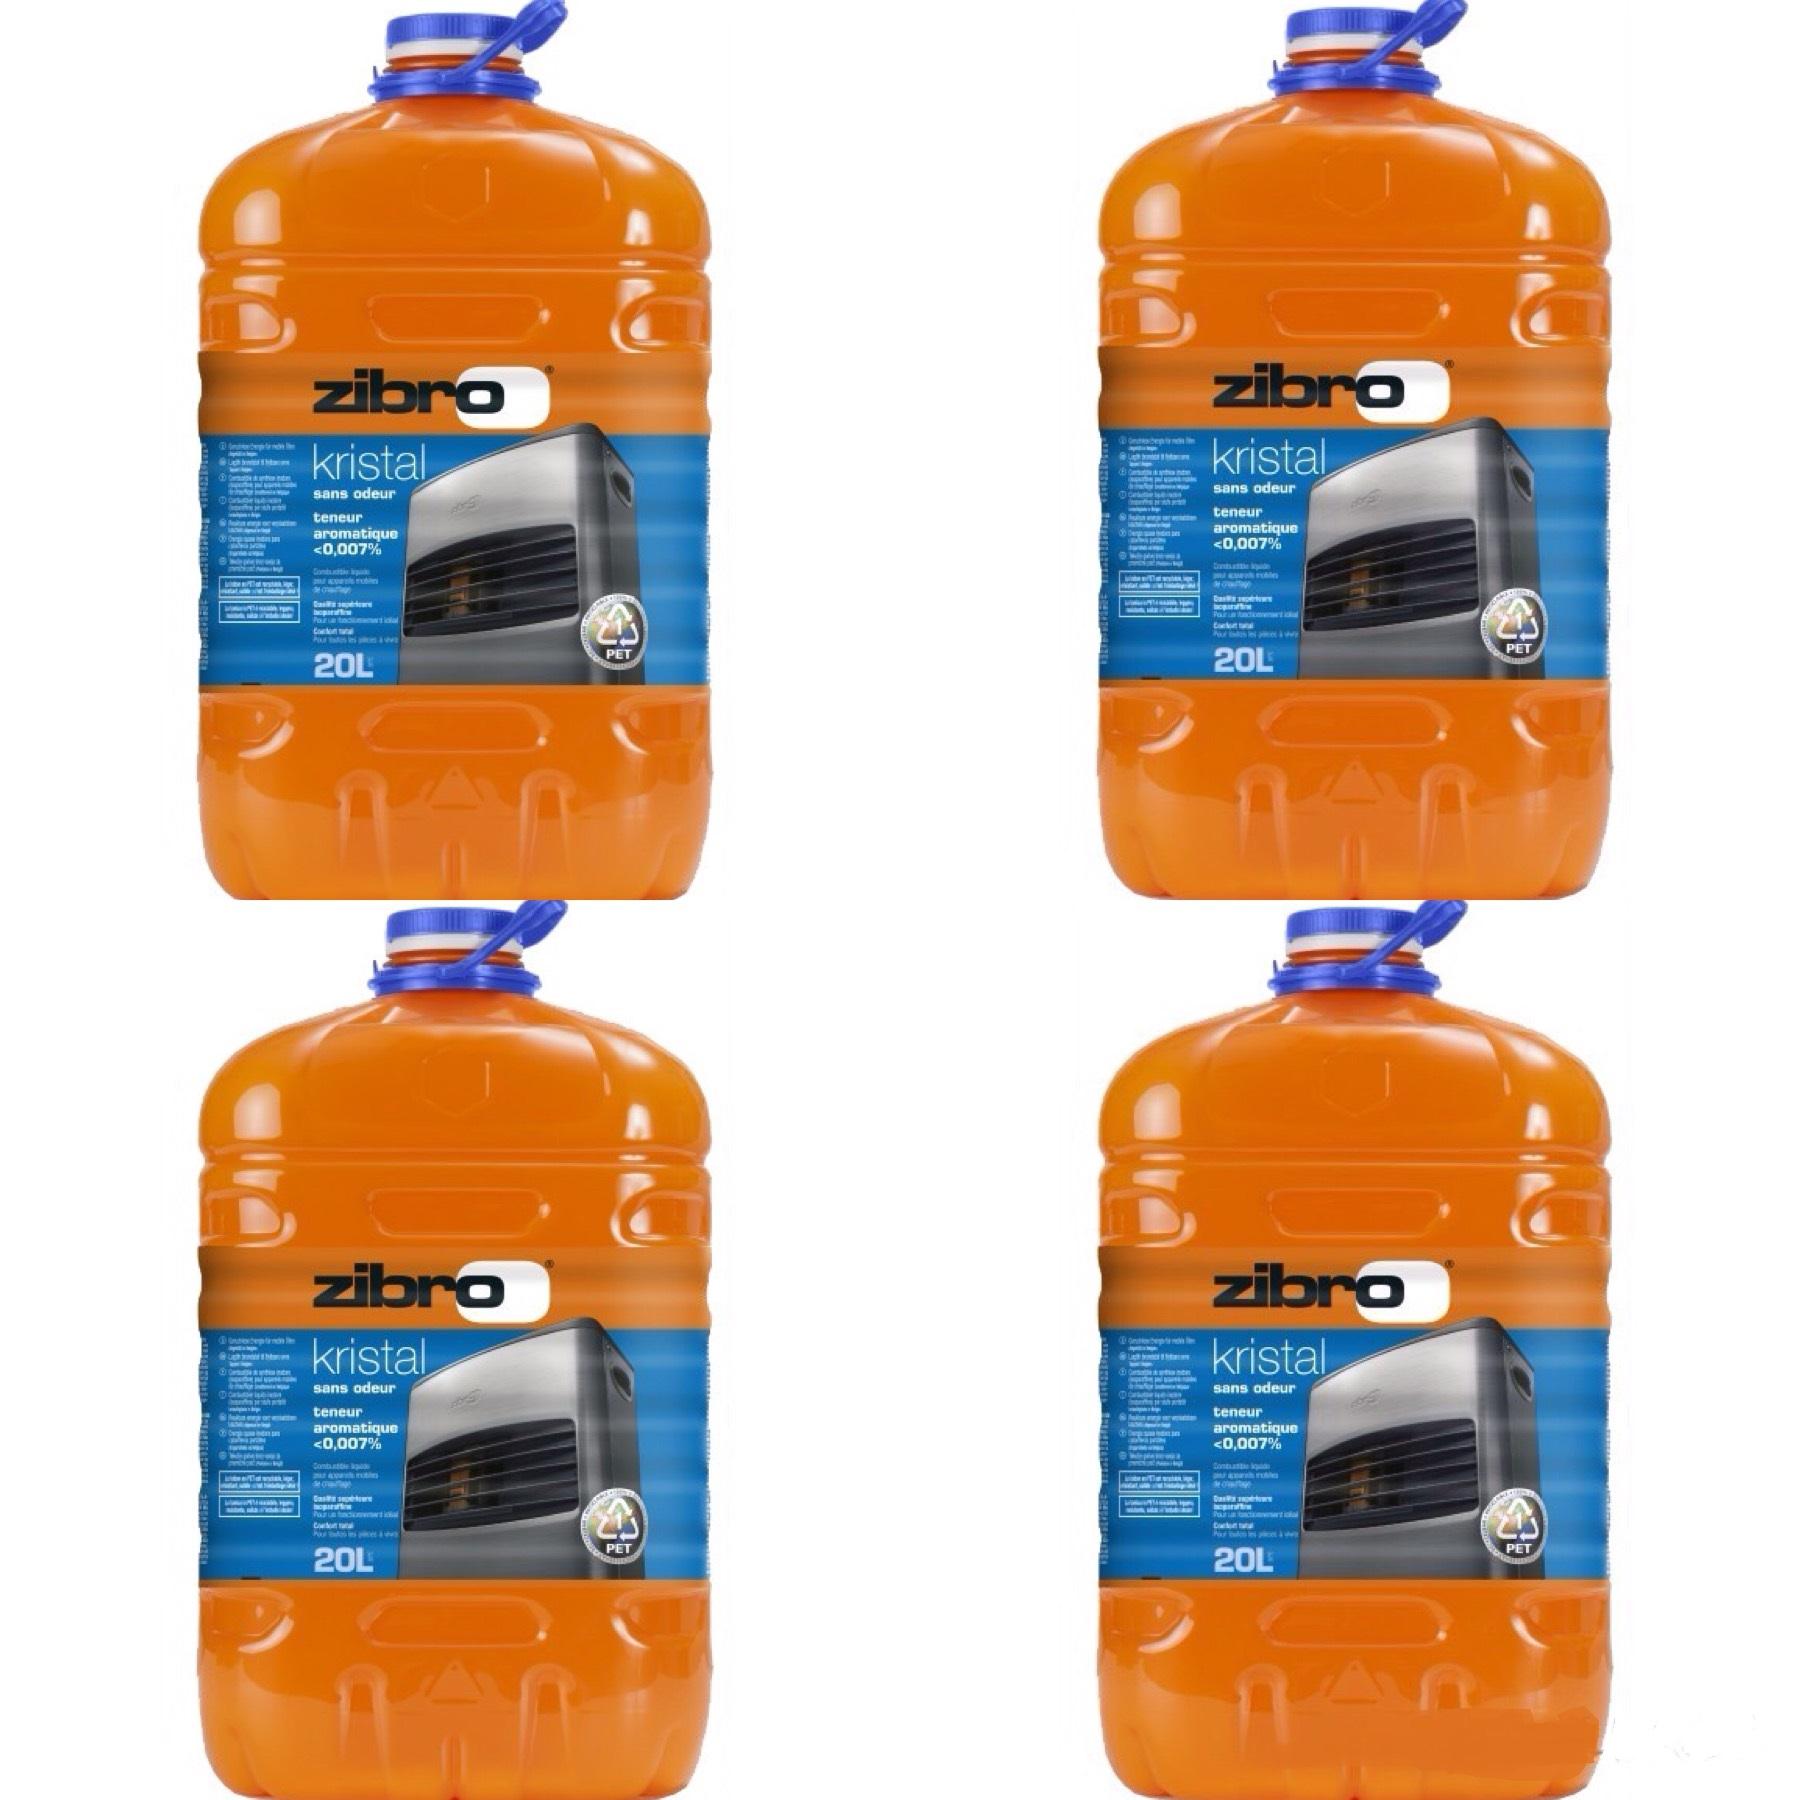 Combustibile liquido zibro kristal universale per for Stufe a petrolio bricoman